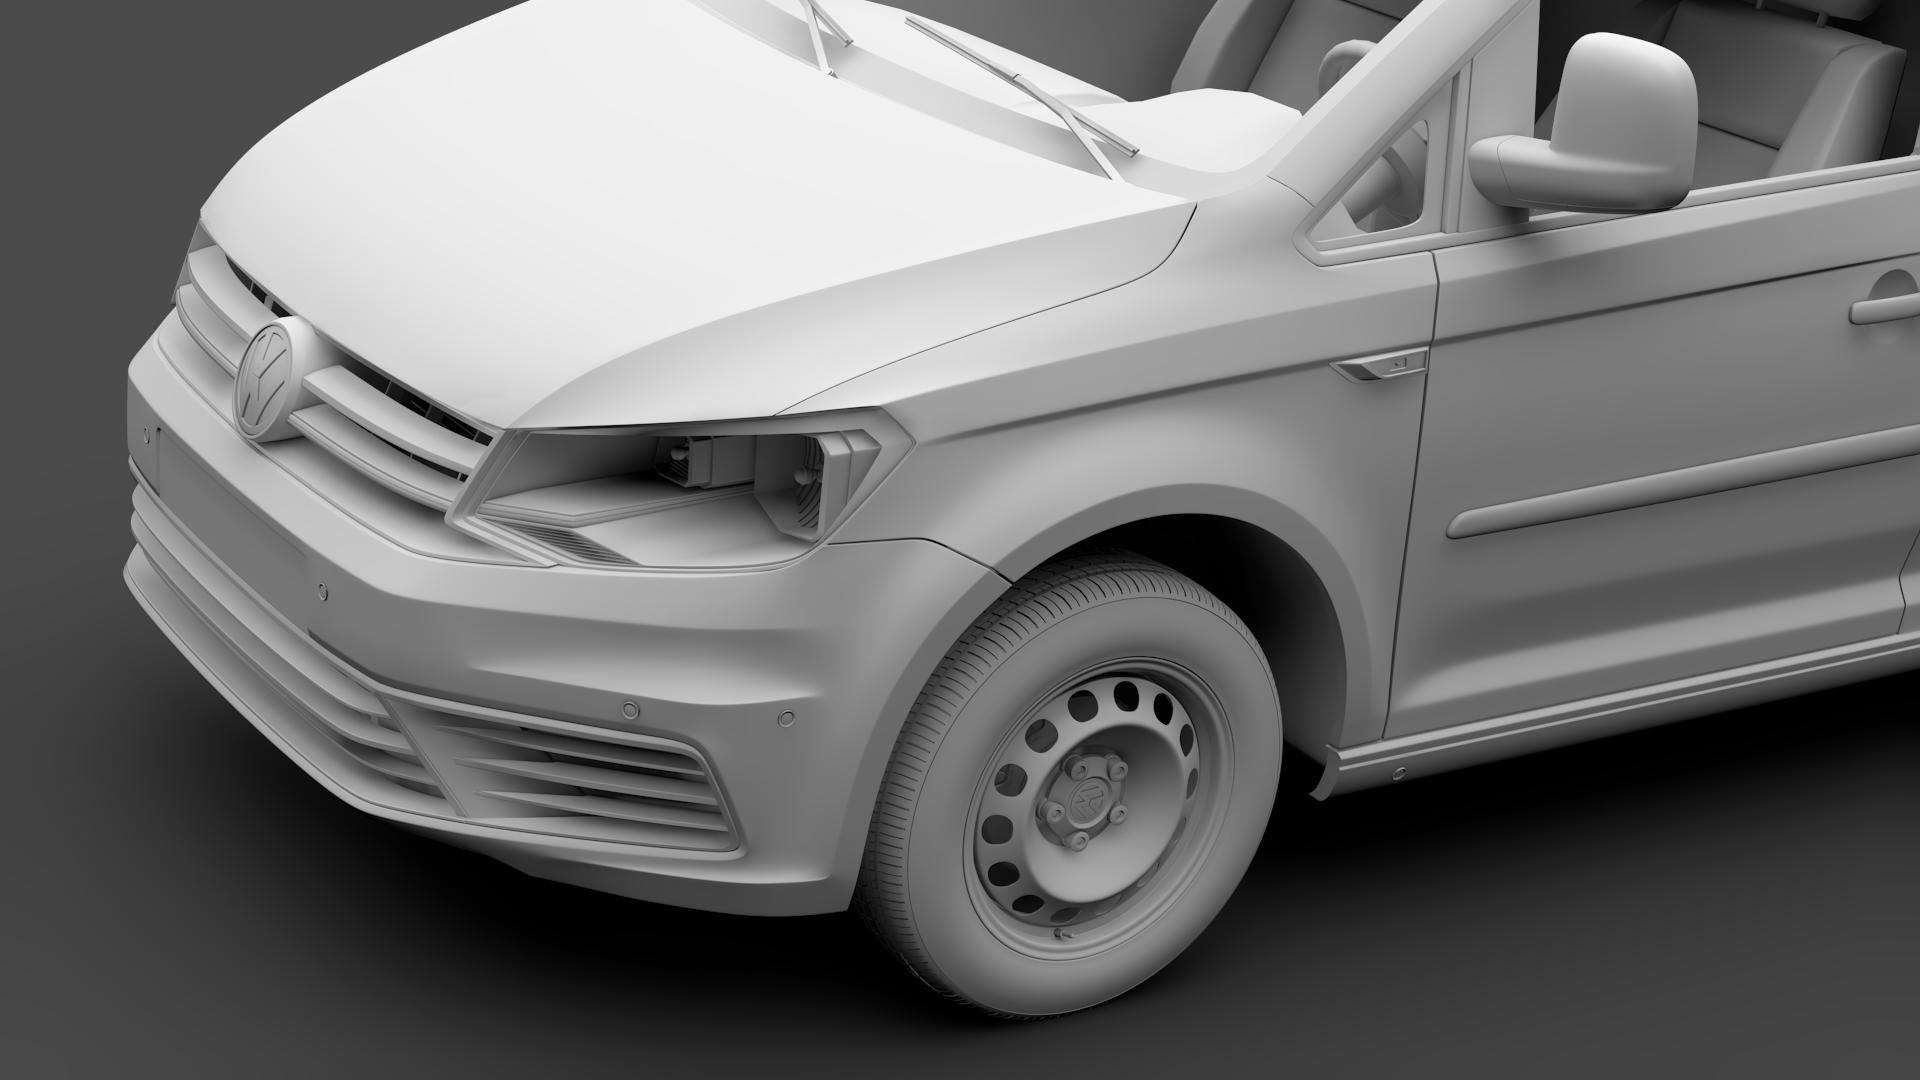 volkswagen caddy panel van l1 2017 3d model max fbx c4d lwo ma mb hrc xsi obj 274410